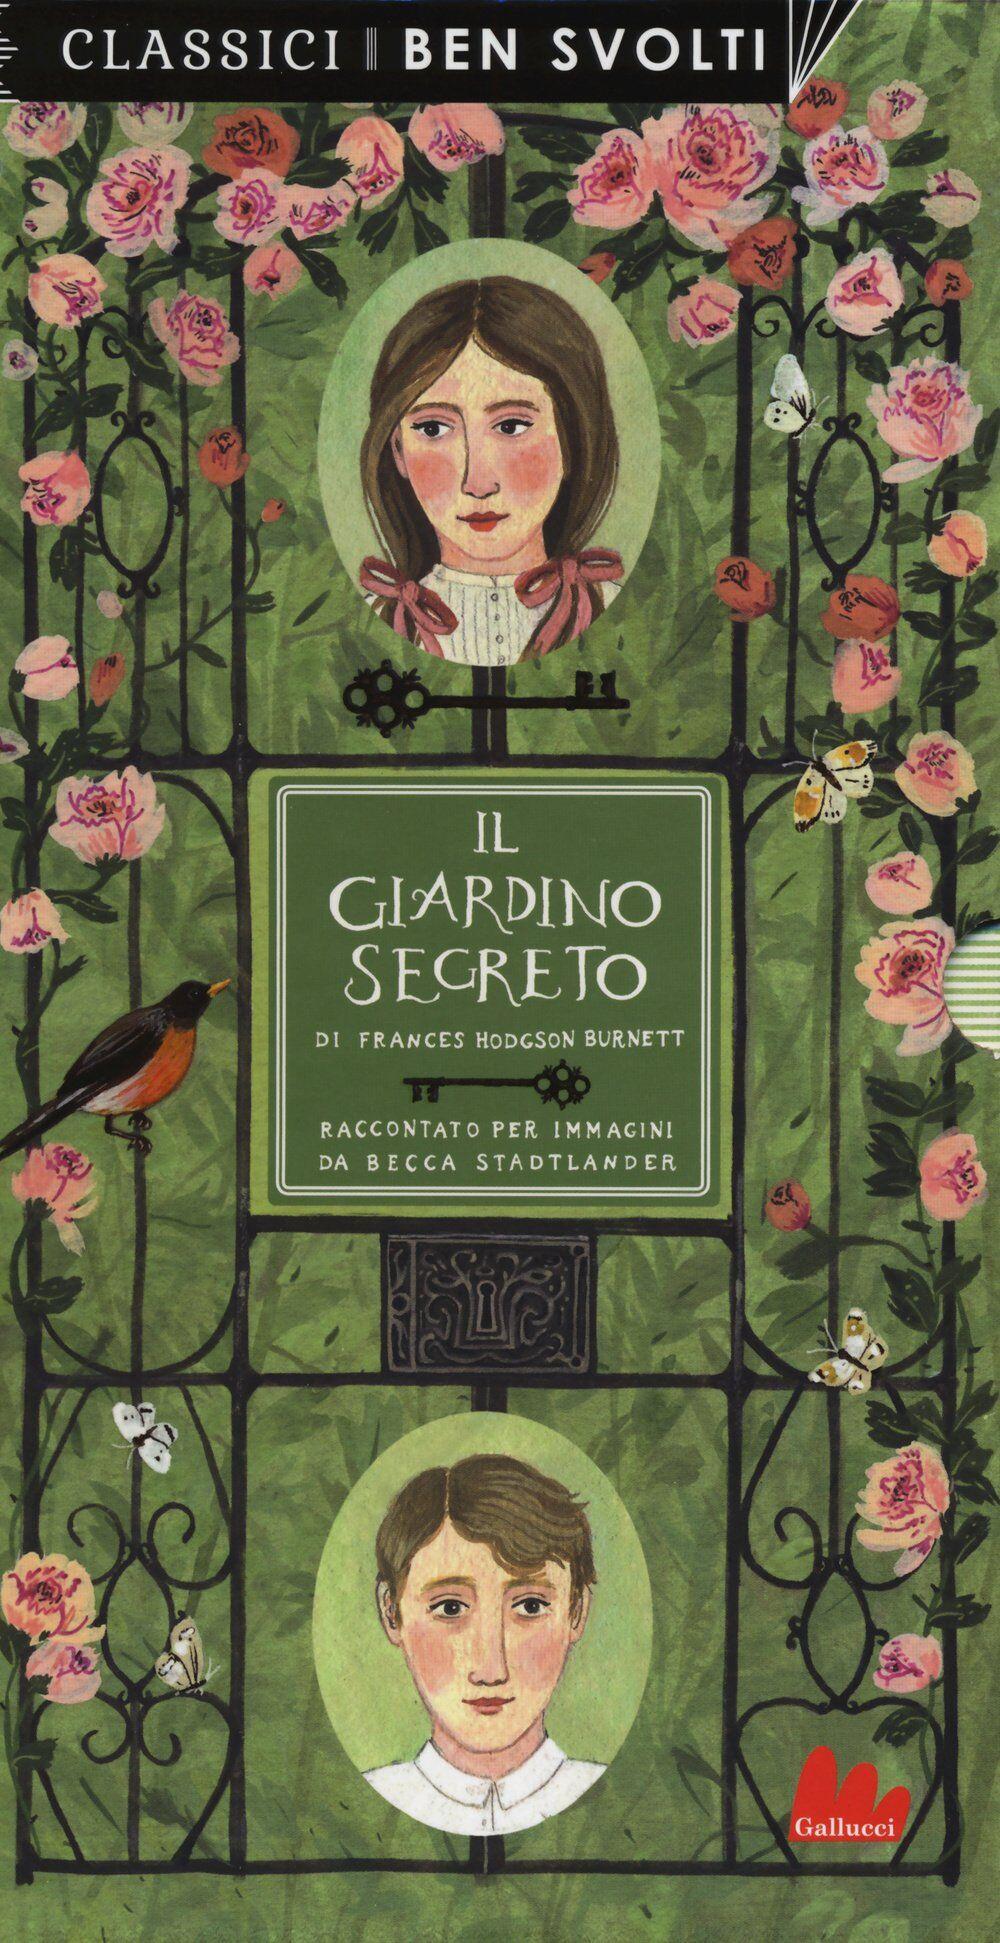 Il giardino segreto da Frances Hodgson Burnett